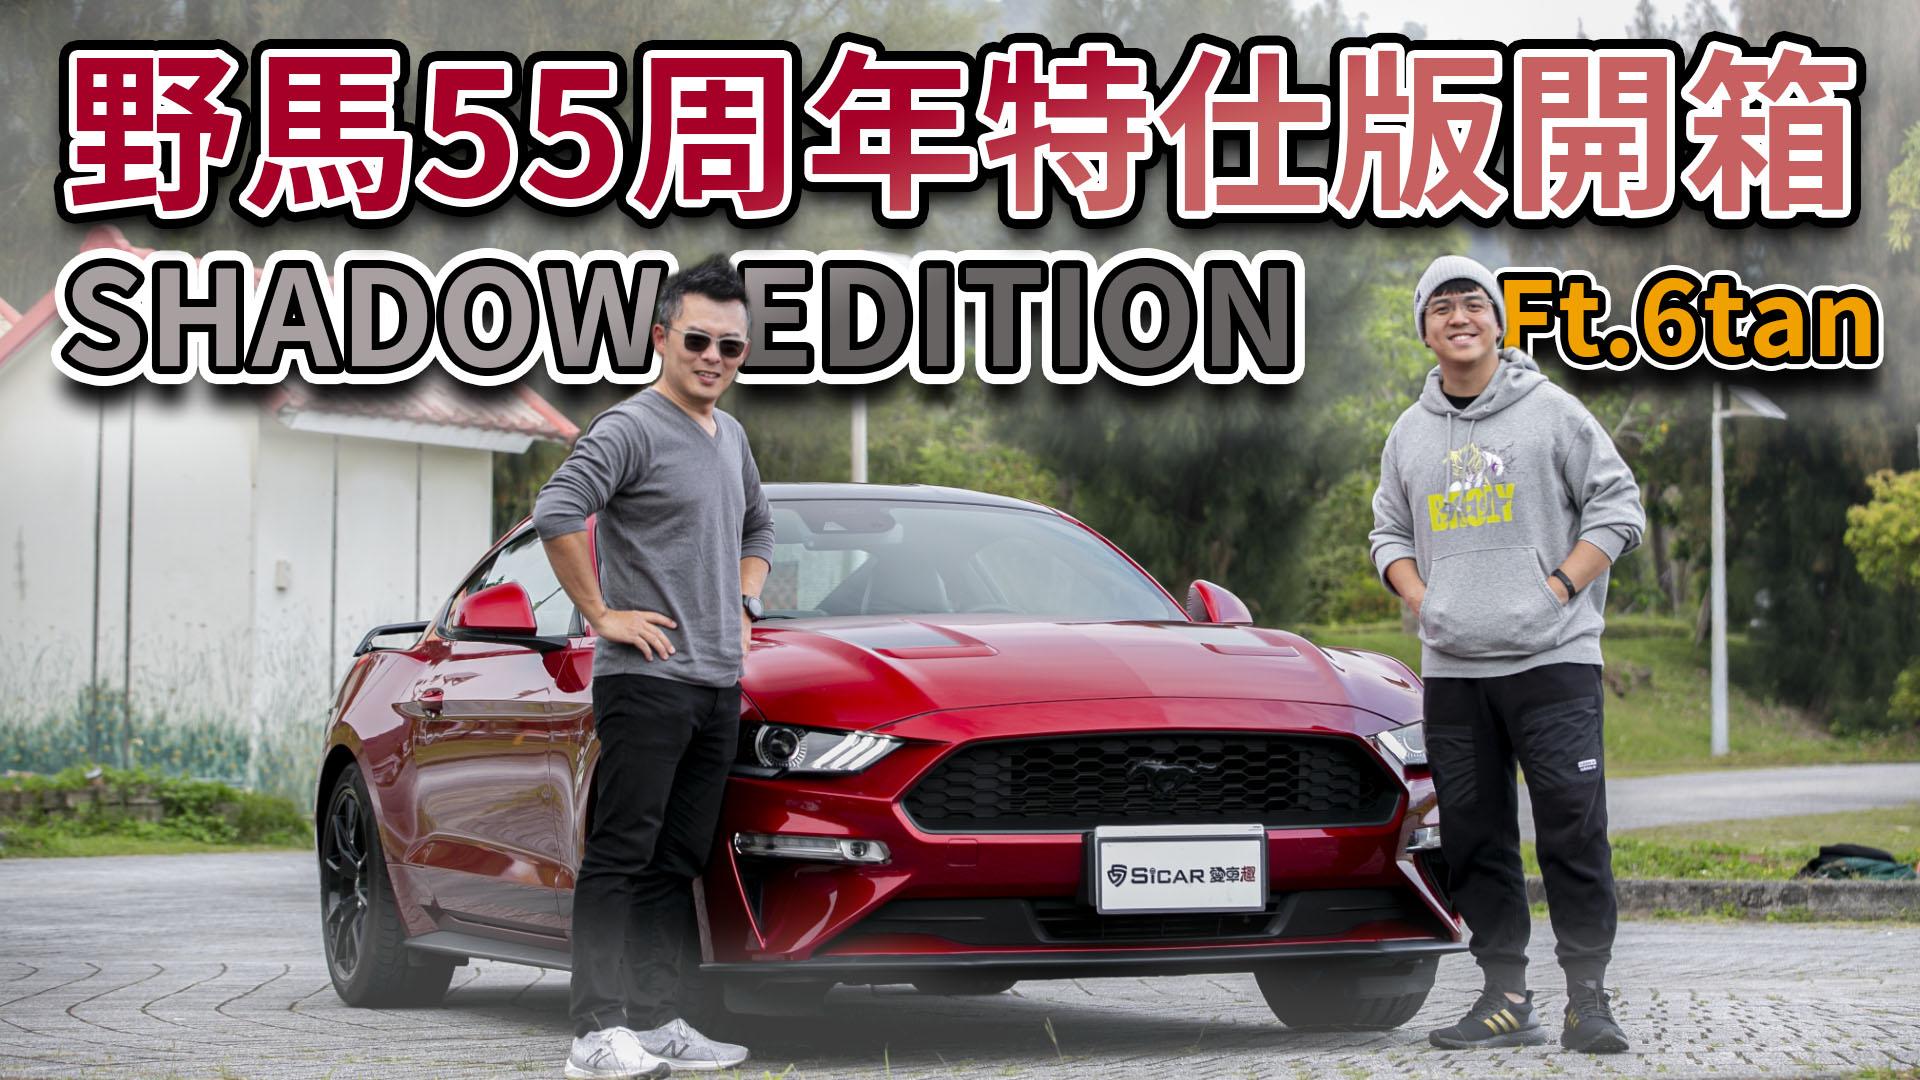 【老爹出任務】野馬55周年特仕版開箱試駕2020Ford Mustang Black Shadow Edition Ft.6tan